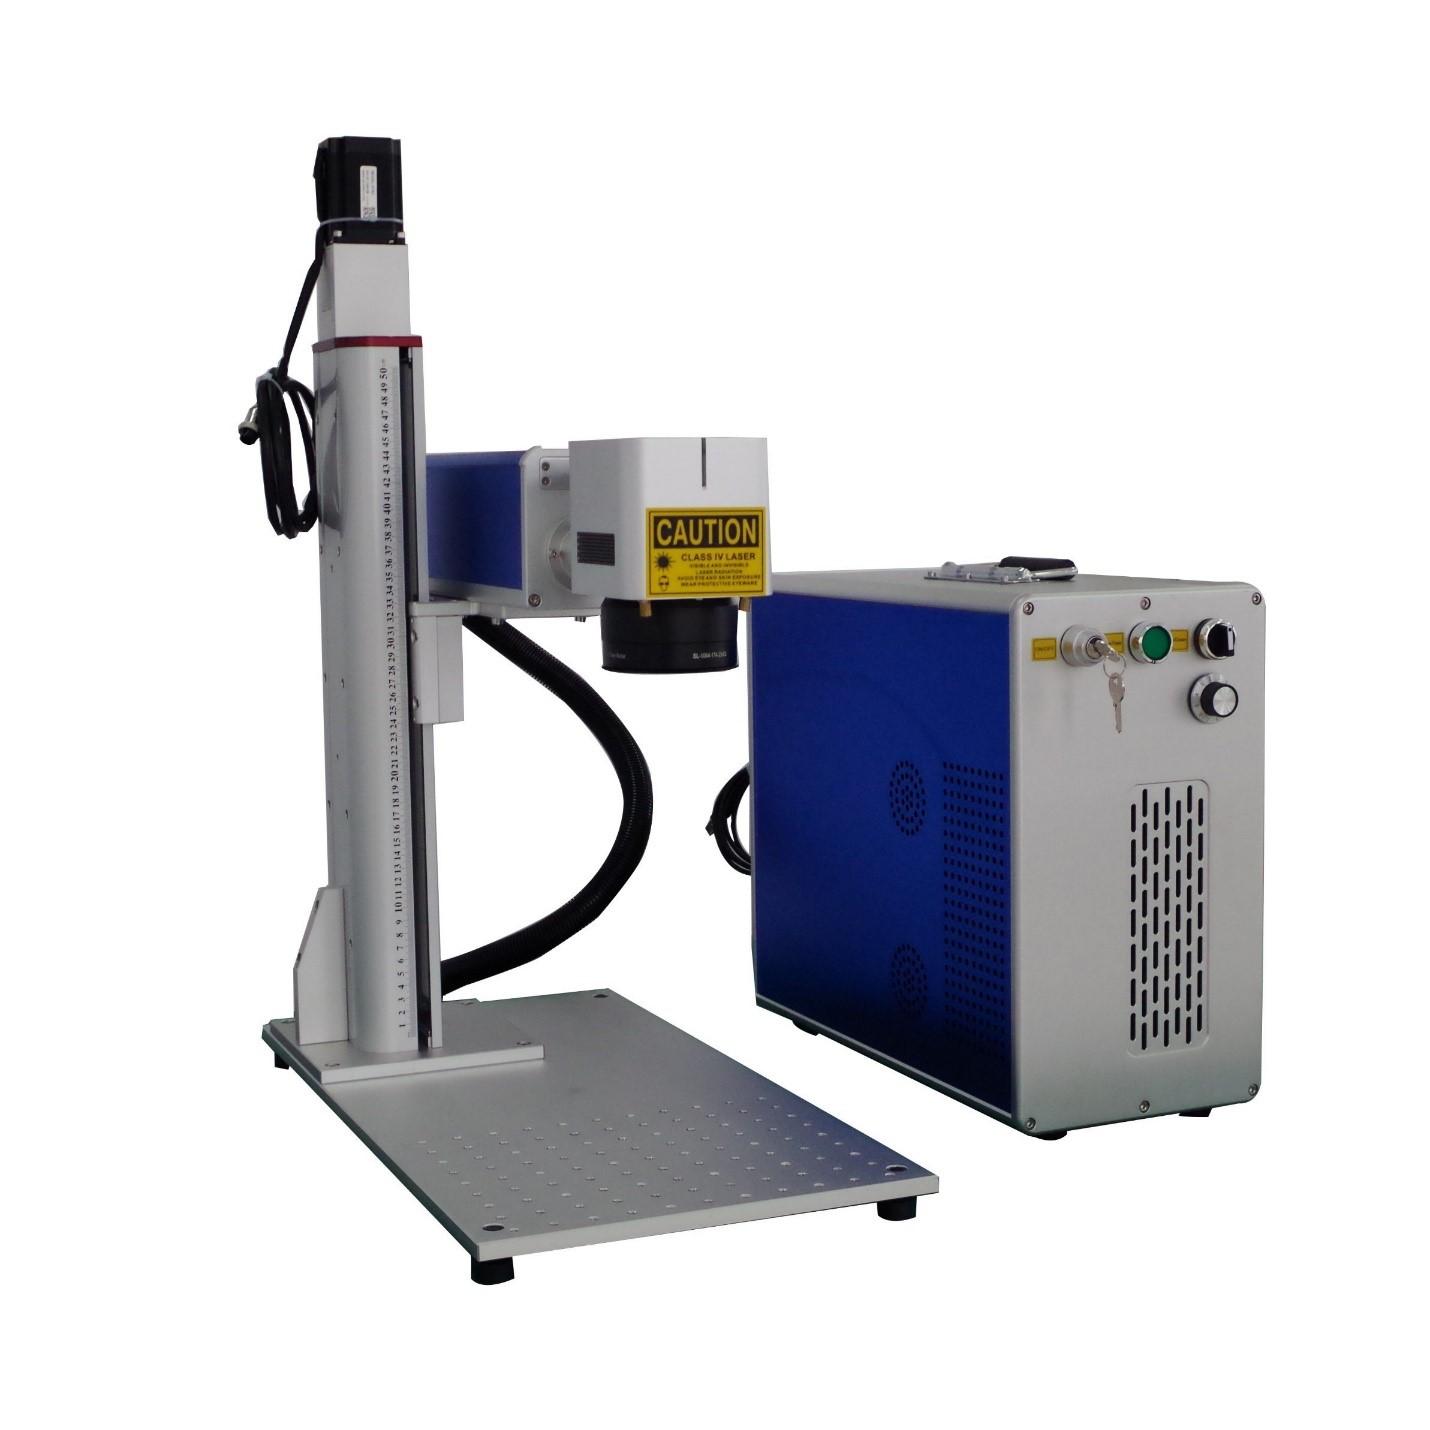 jpt-mopa-m7-laser-marking-machine.jpg